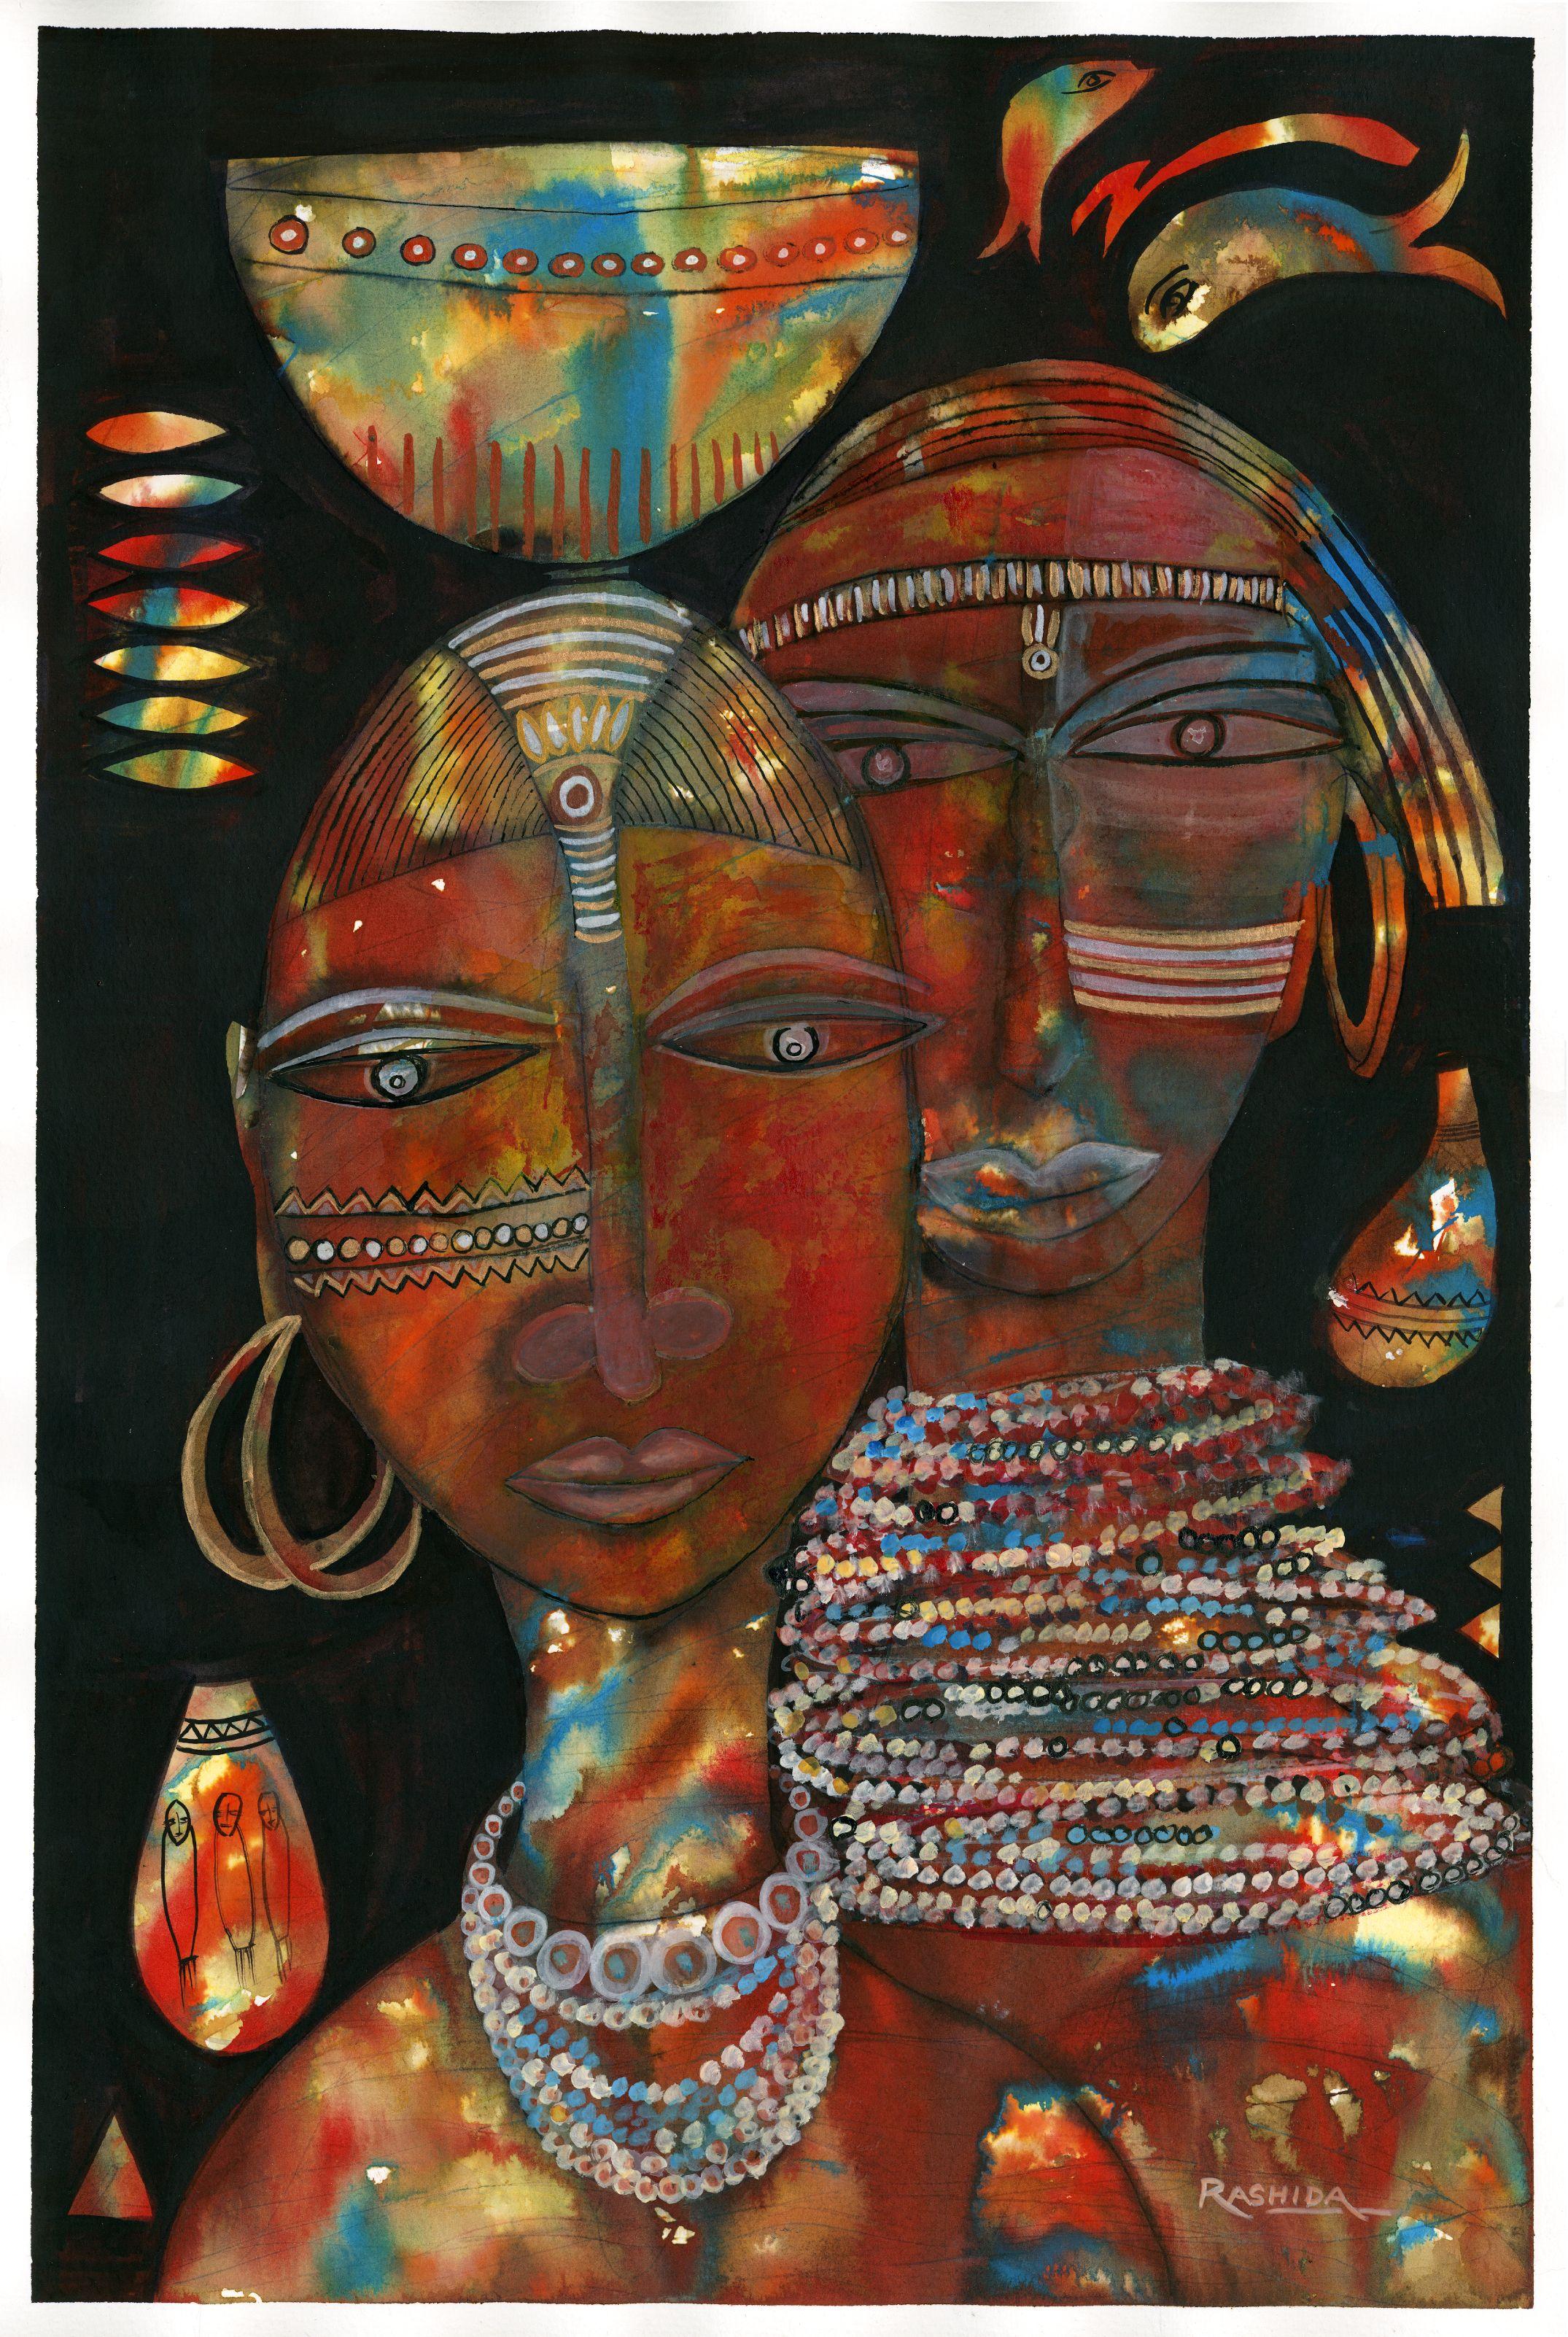 Bibi na Bwana (Swahili: wife and husband), by Rashida Alibhai